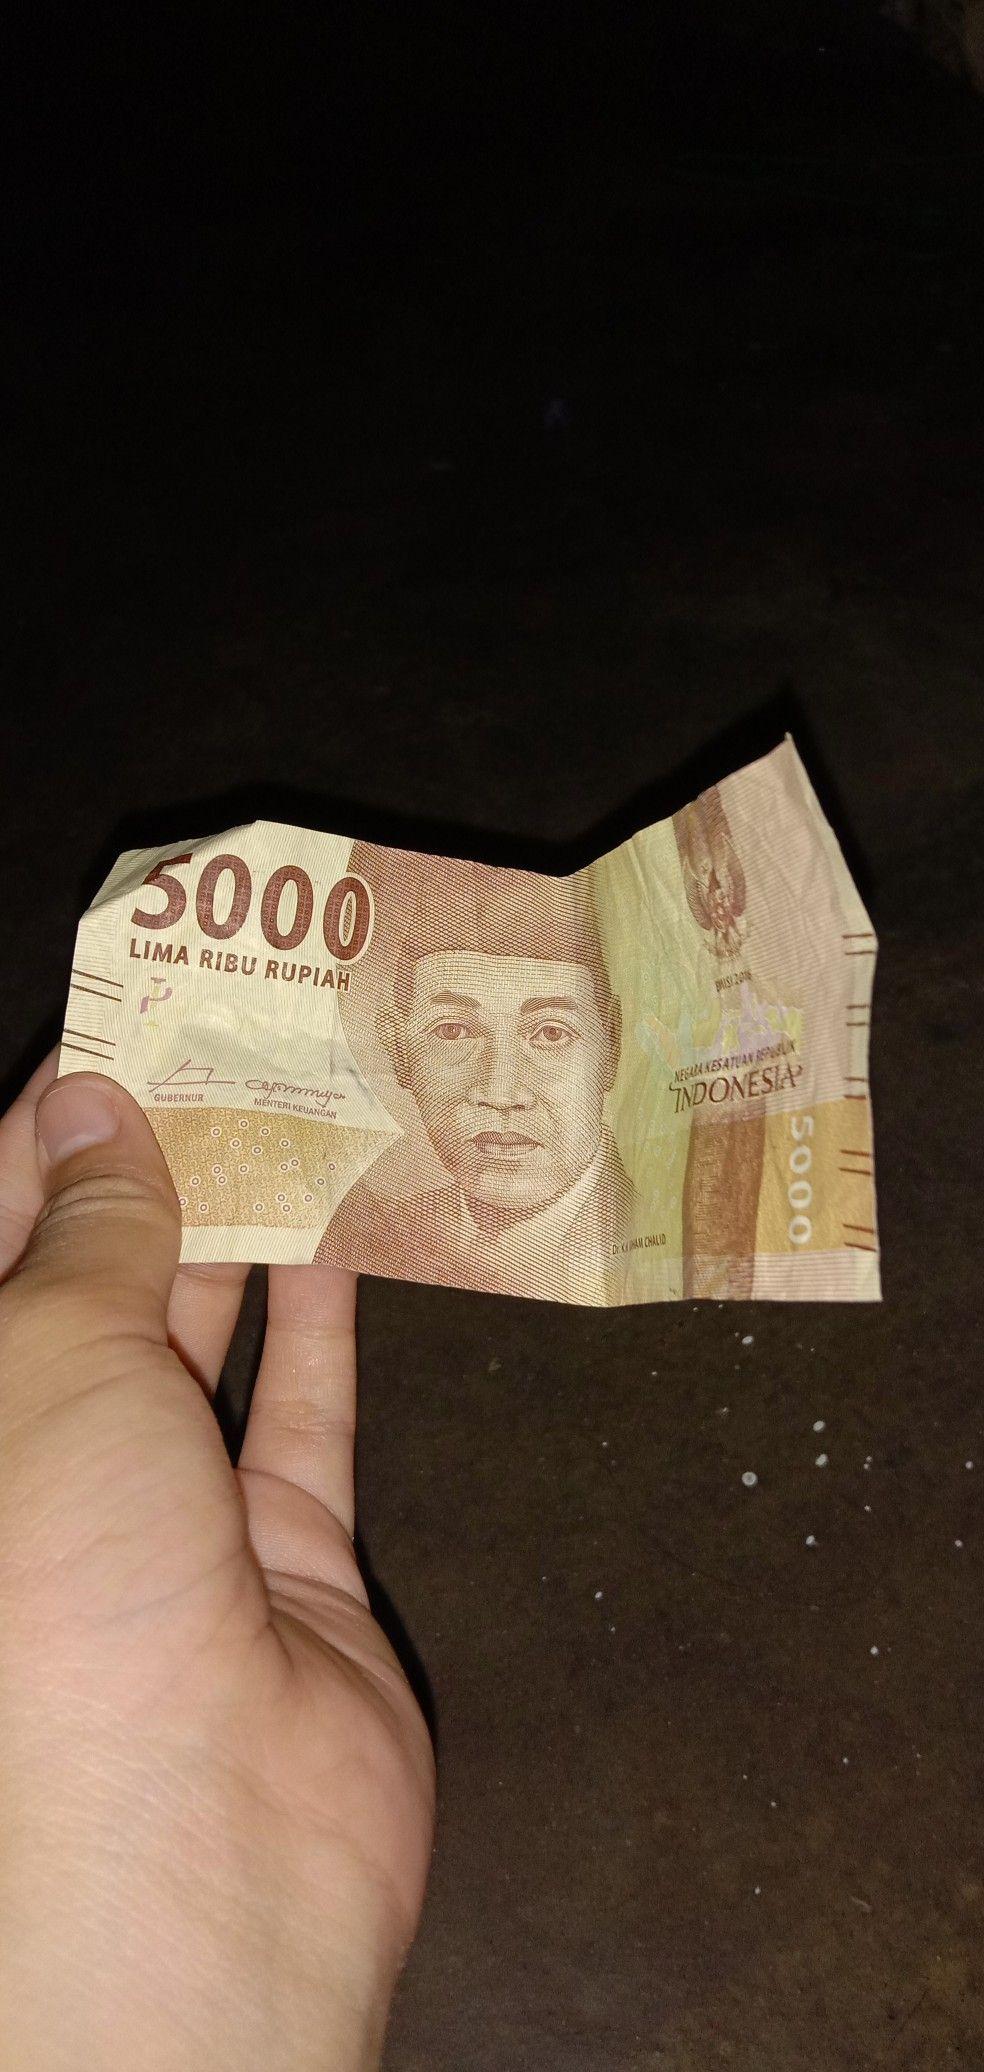 Pin Oleh Ririn Indarwati Di Duit Fotografi Gambar Uang